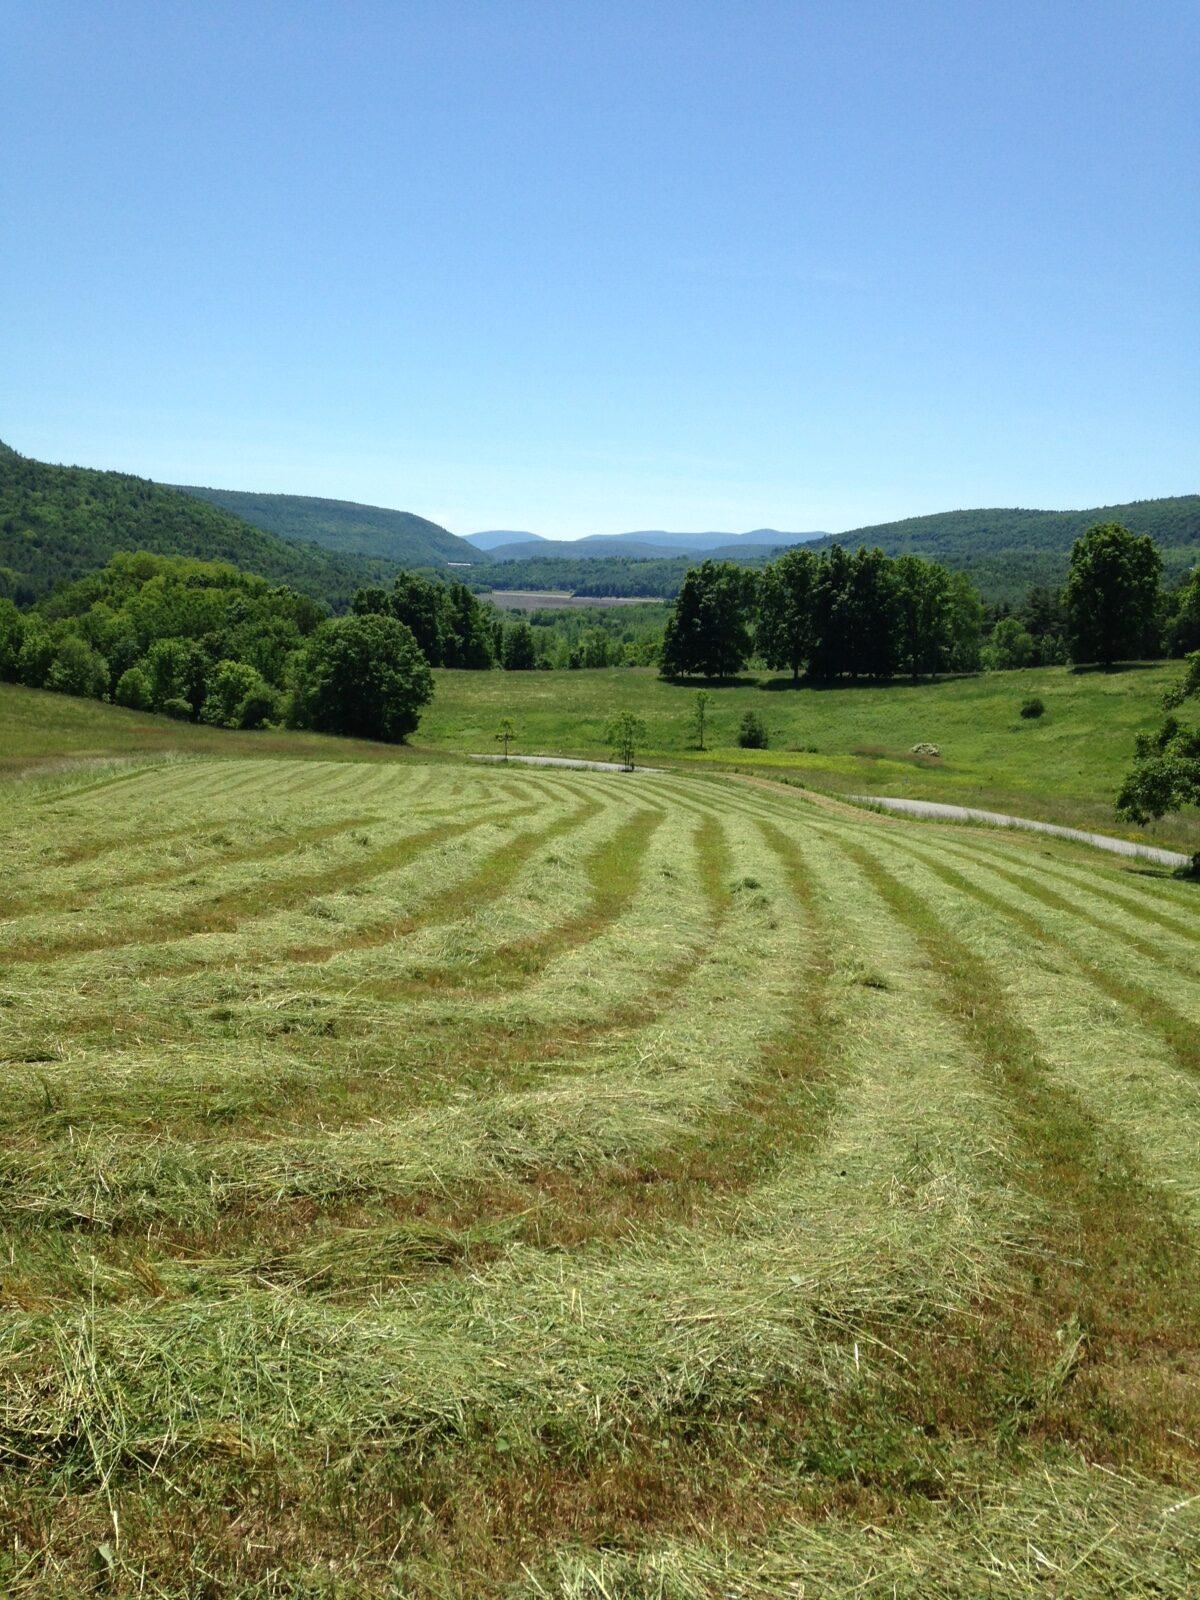 Nansoap of Meeting Land Farm